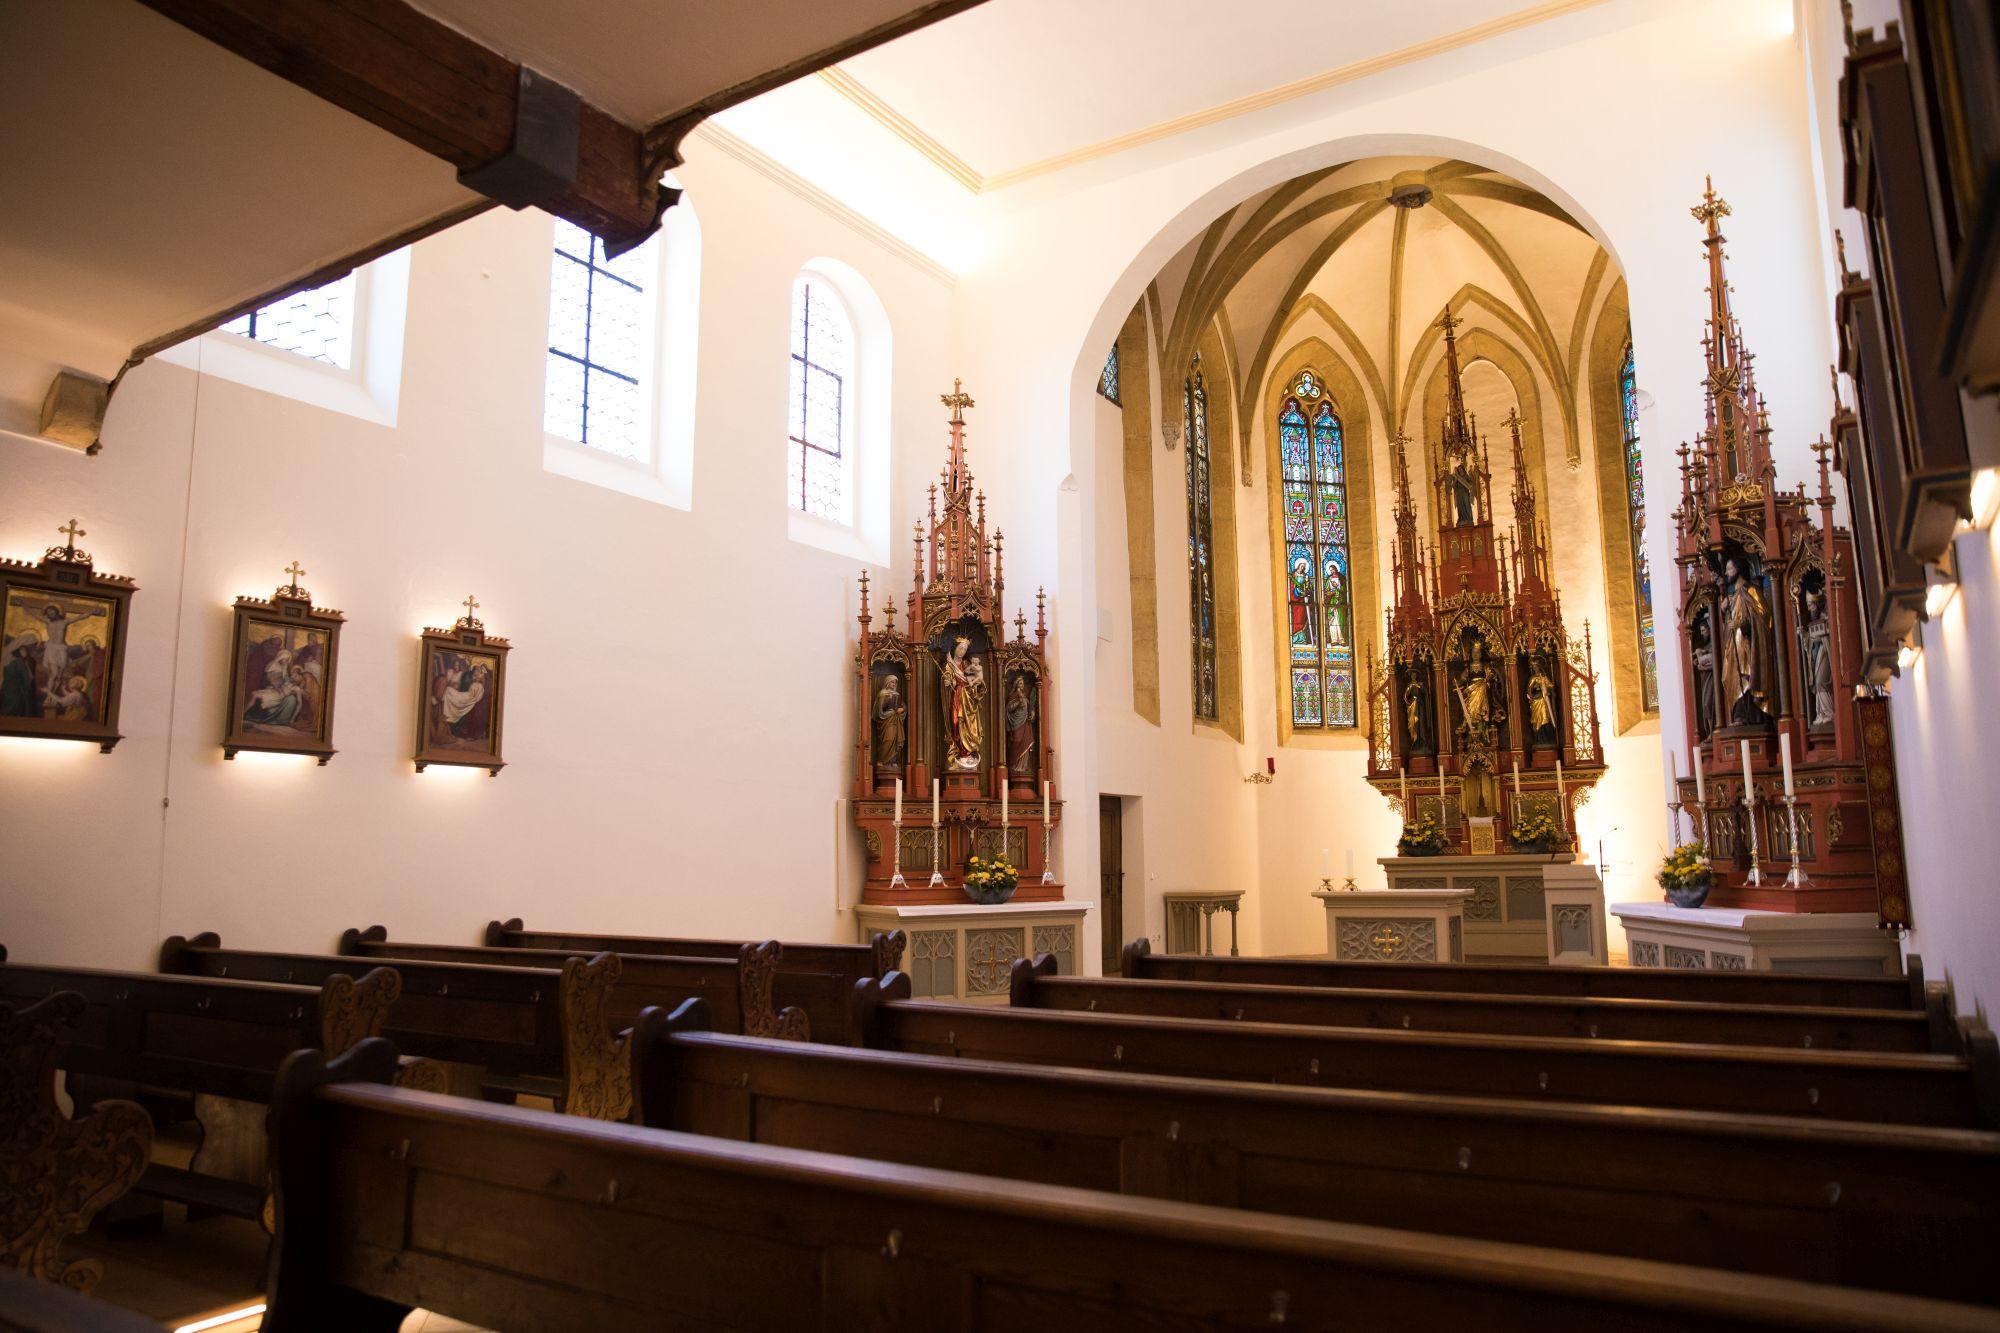 St. Katharina in Amberg